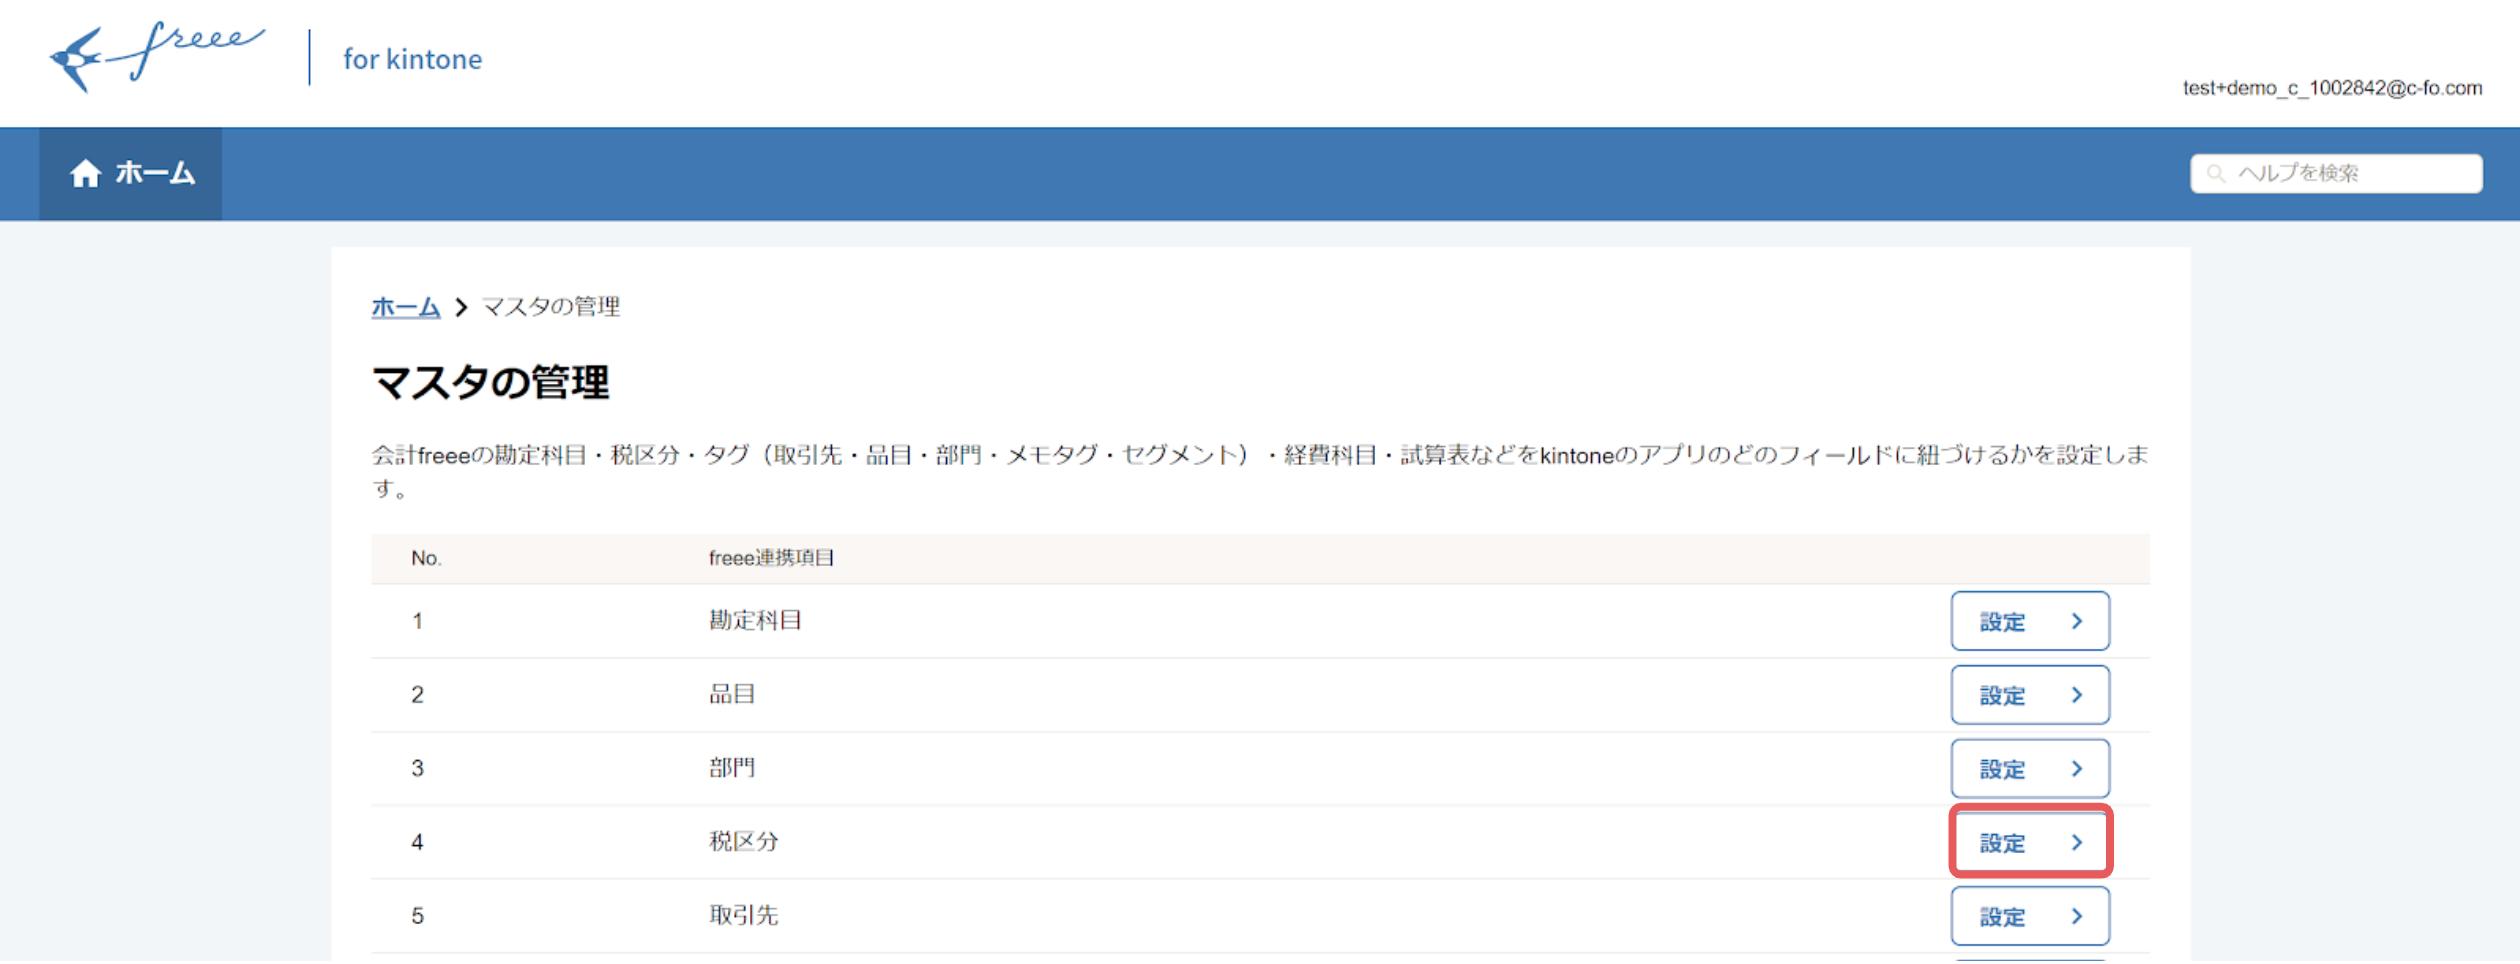 Screen_Shot_2020-07-09_at_16.04.50.png